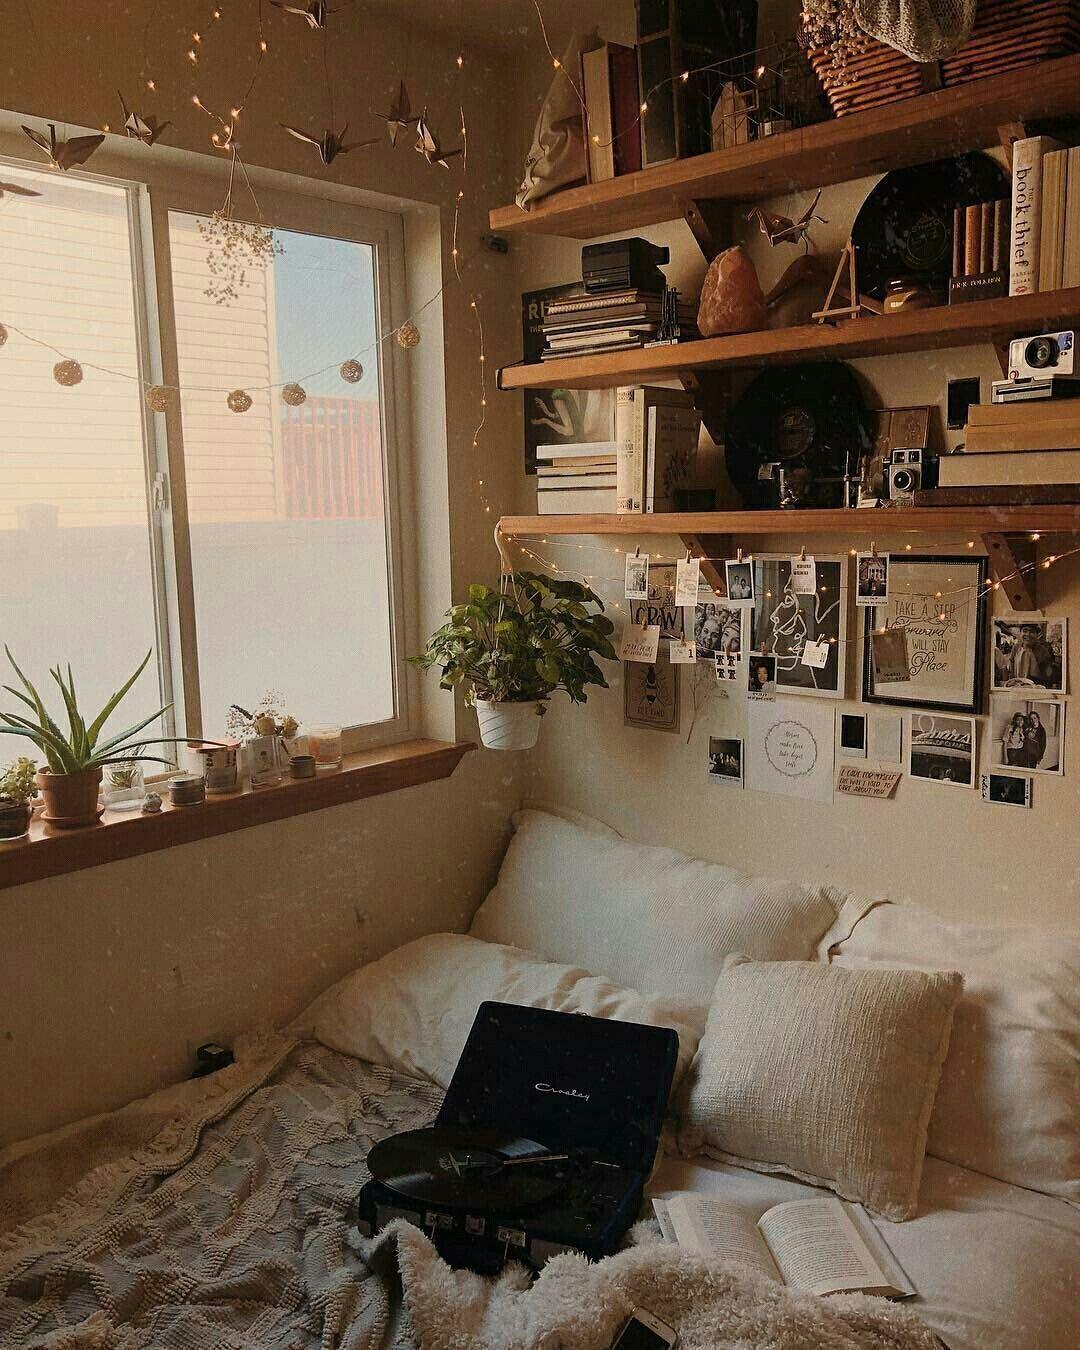 Quarto com prateleiras em cima da cama urbanoutfitters quarto ...